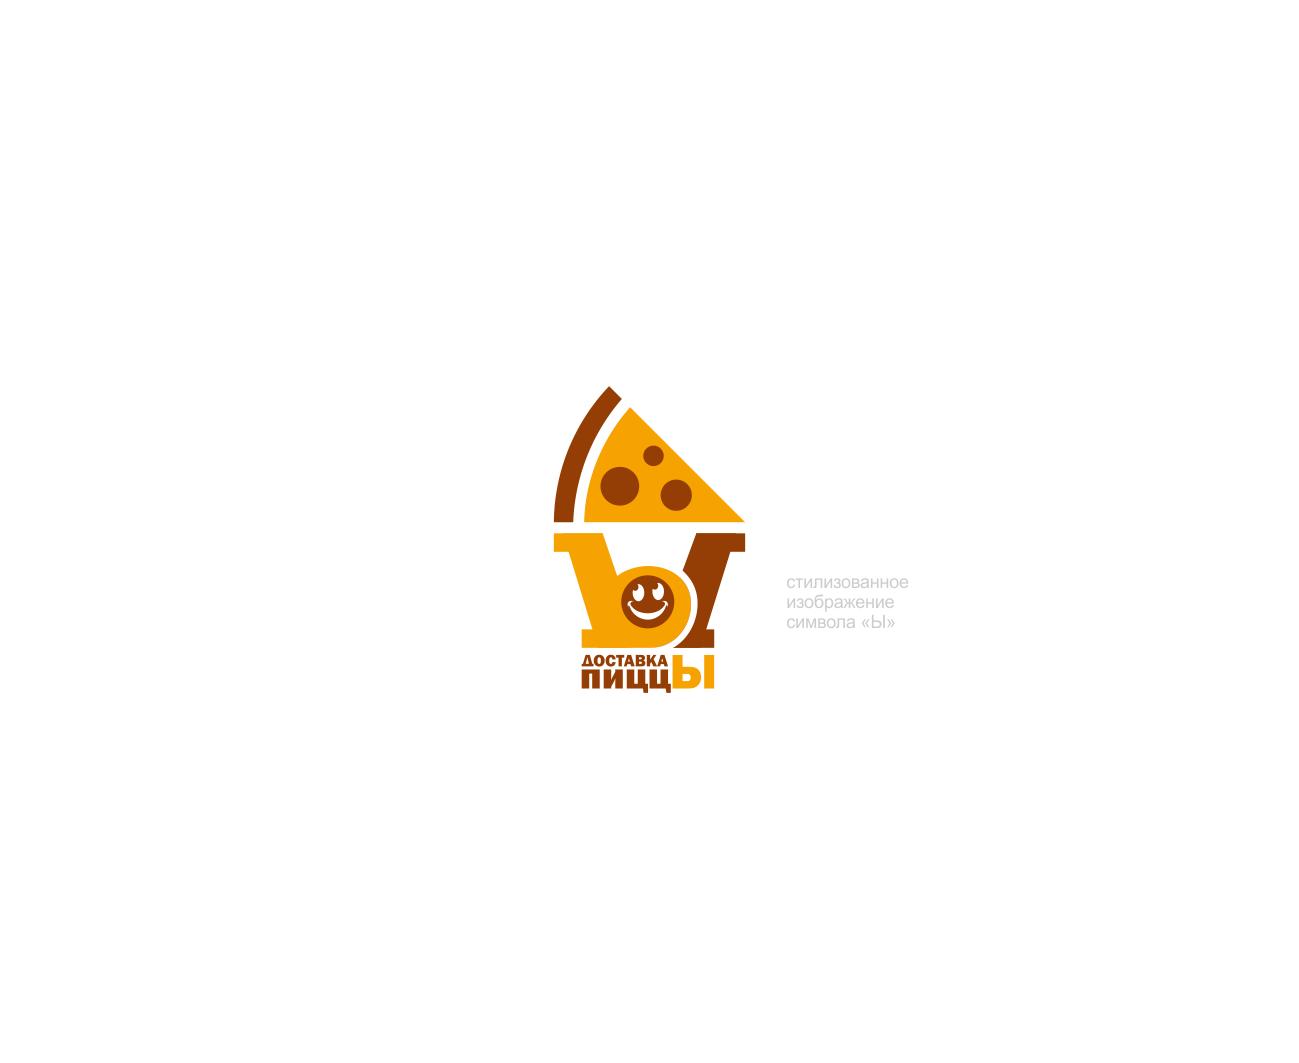 Разыскивается дизайнер для разработки лого службы доставки фото f_8375c37e1a7caf75.png